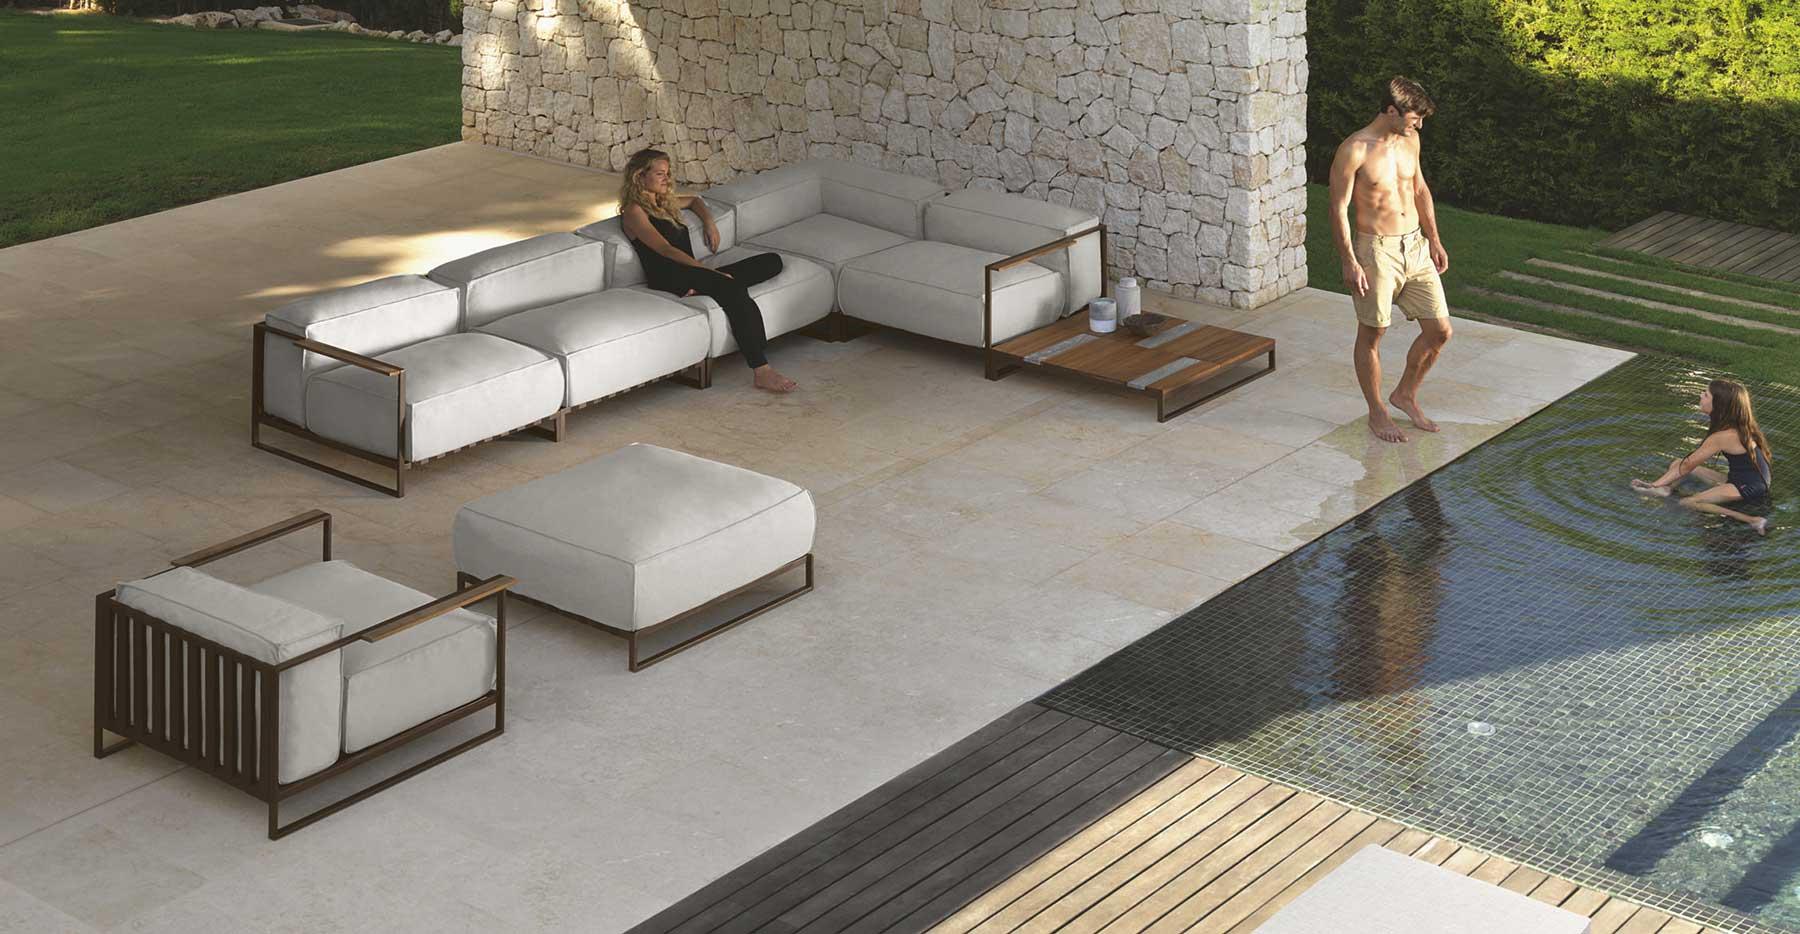 SantaFe salotto da giardino completo - Italy Dream Design